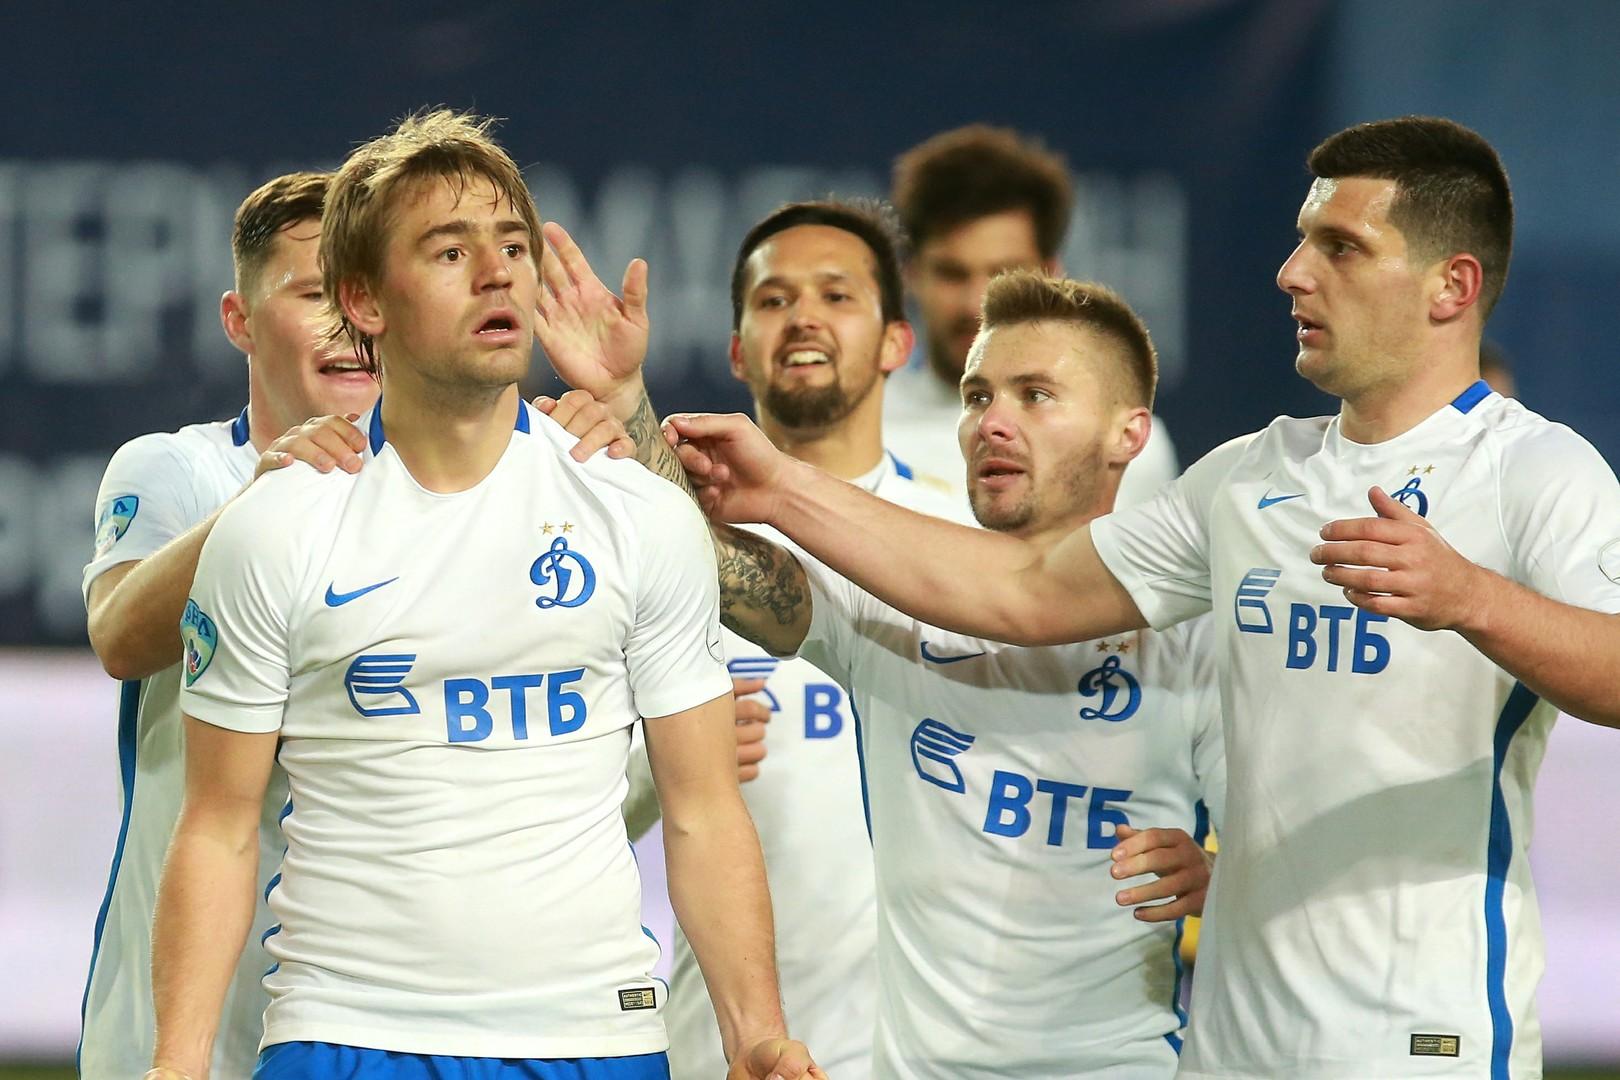 «Динамо» по силам уже в этом сезоне попасть в еврокубки»: легенда московского клуба о перспективах команды в РФПЛ